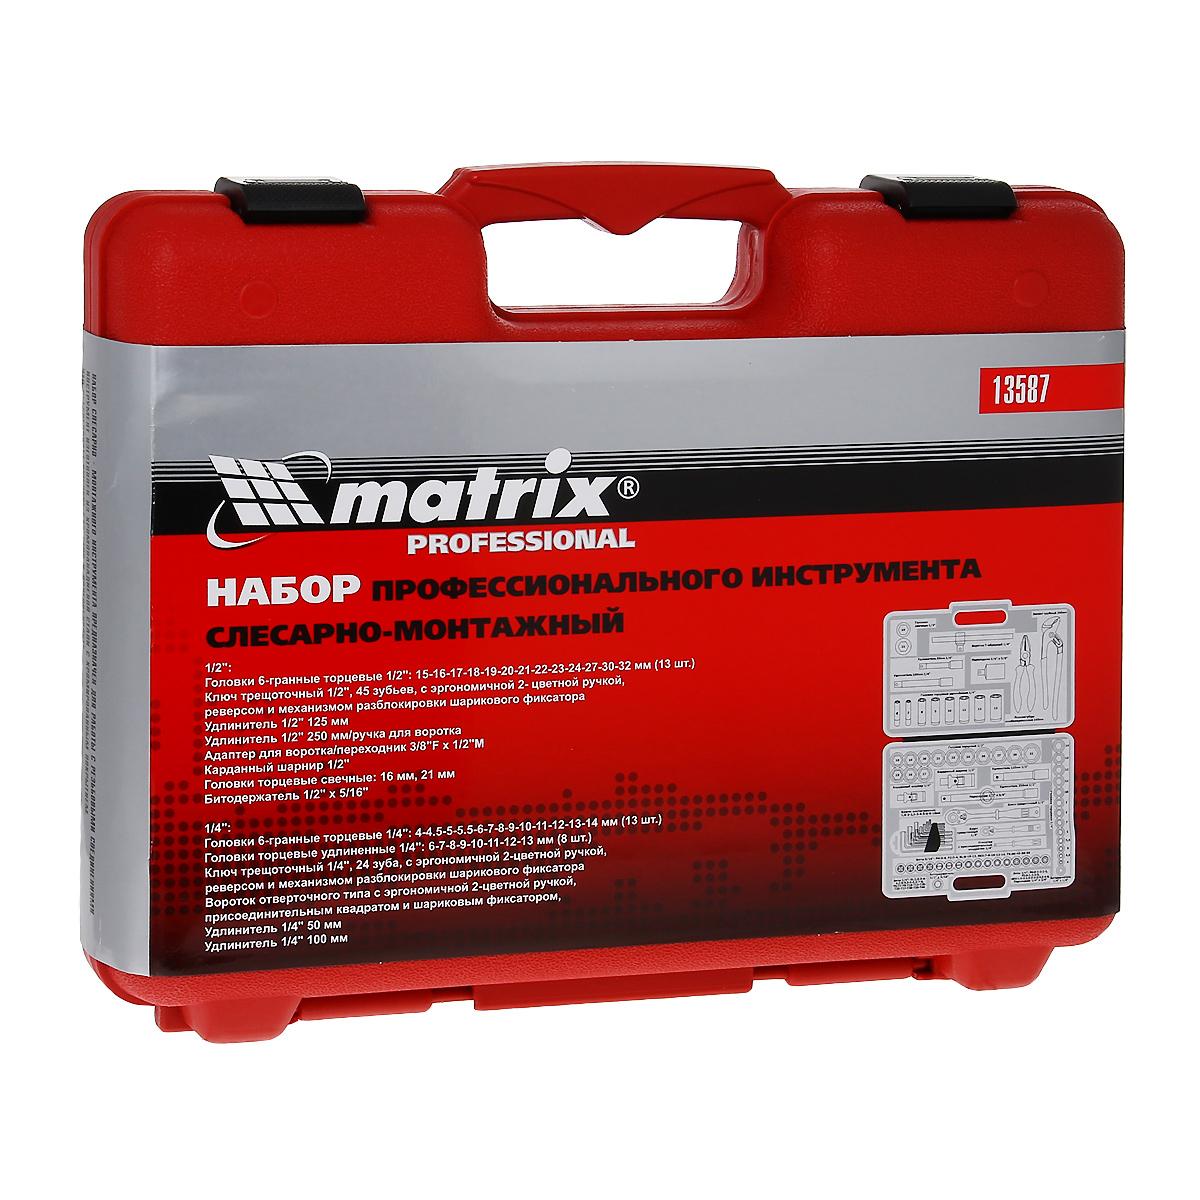 Набор слесарно-монтажный Matrix, 117 предметов13587Слесарно-монтажный набор Matrix предназначен для монтажа и демонтажа резьбовых соединений. Инструменты выполнены из хромованадиевой стали с хромированным покрытием, что обеспечивает высокое качество и долговечность. Состав набора: 1/2: Головки шестигранные торцевые: 15 мм, 16 мм, 17 мм, 18 мм, 19 мм, 20 мм, 21 мм, 22 мм, 23 мм, 24 мм, 27 мм, 30 мм, 32 мм. Ключ трещоточный, 45 зубьев, с эргономичной двухцветной ручкой, реверсом и механизмом разблокировки шарикового фиксатора. Удлинитель 125 мм. Удлинитель 250 мм/ручка для воротка. Адаптер для воротка/переходник 3/8F х 1/2M. Карданный шарнир. Головки торцевые свечные: 16 мм, 21 мм. Битодержатель 1/2 х 5/16. 1/4: Головки шестигранные торцевые: 4 мм, 4,5 мм, 5 мм, 5.5 мм, 6 мм, 7 мм, 8 мм, 9 мм, 10 мм, 11 мм, 12 мм, 13 мм, 14 мм. Шестигранные угловые (Г-образные) ключи: 1.5 мм, 2 мм, 2.5 мм, 3 мм, 4 мм, 5 мм, 6 мм, 8 мм, 10 мм. Головки торцевые удлиненные:...